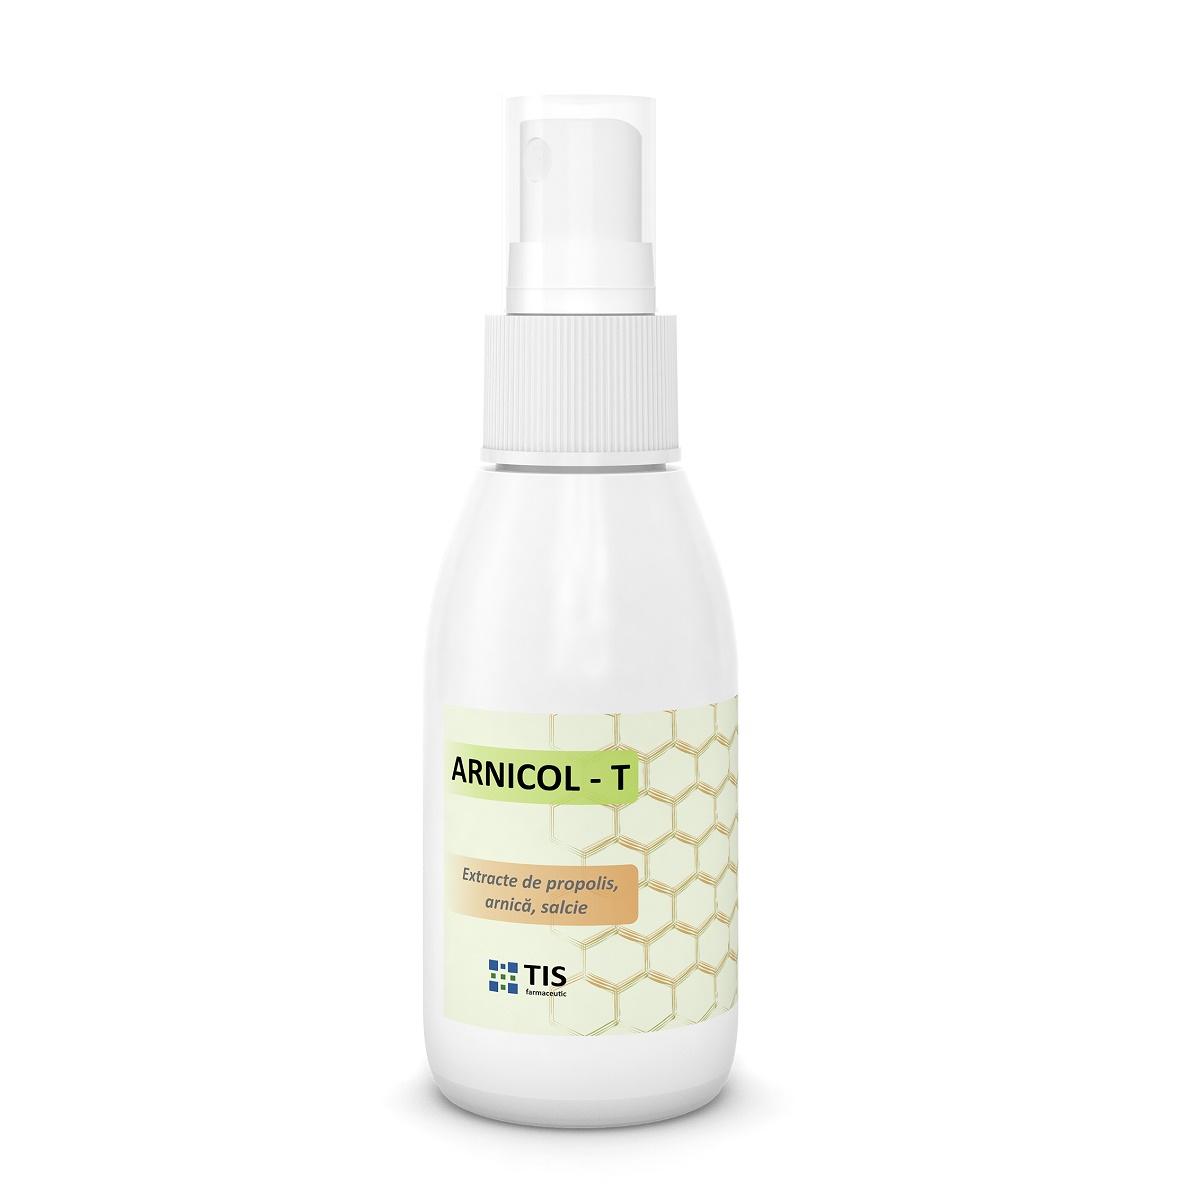 Solutie antiacneica Arnicol-T, 50ml, Tis Farmaceutic drmax.ro